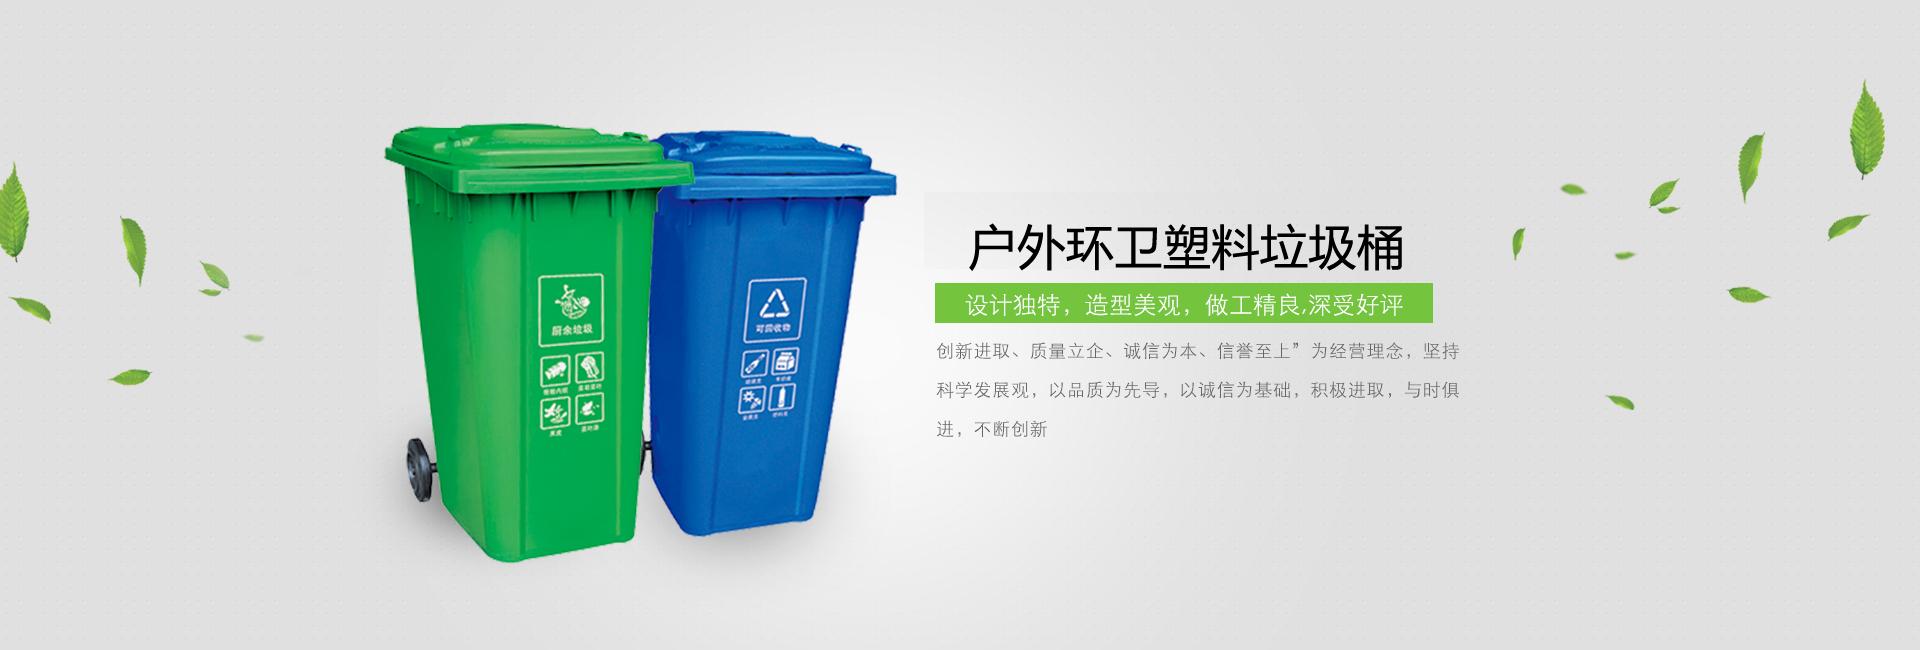 垃圾桶_垃圾桶厂家_户外垃圾桶-西安厂家直销